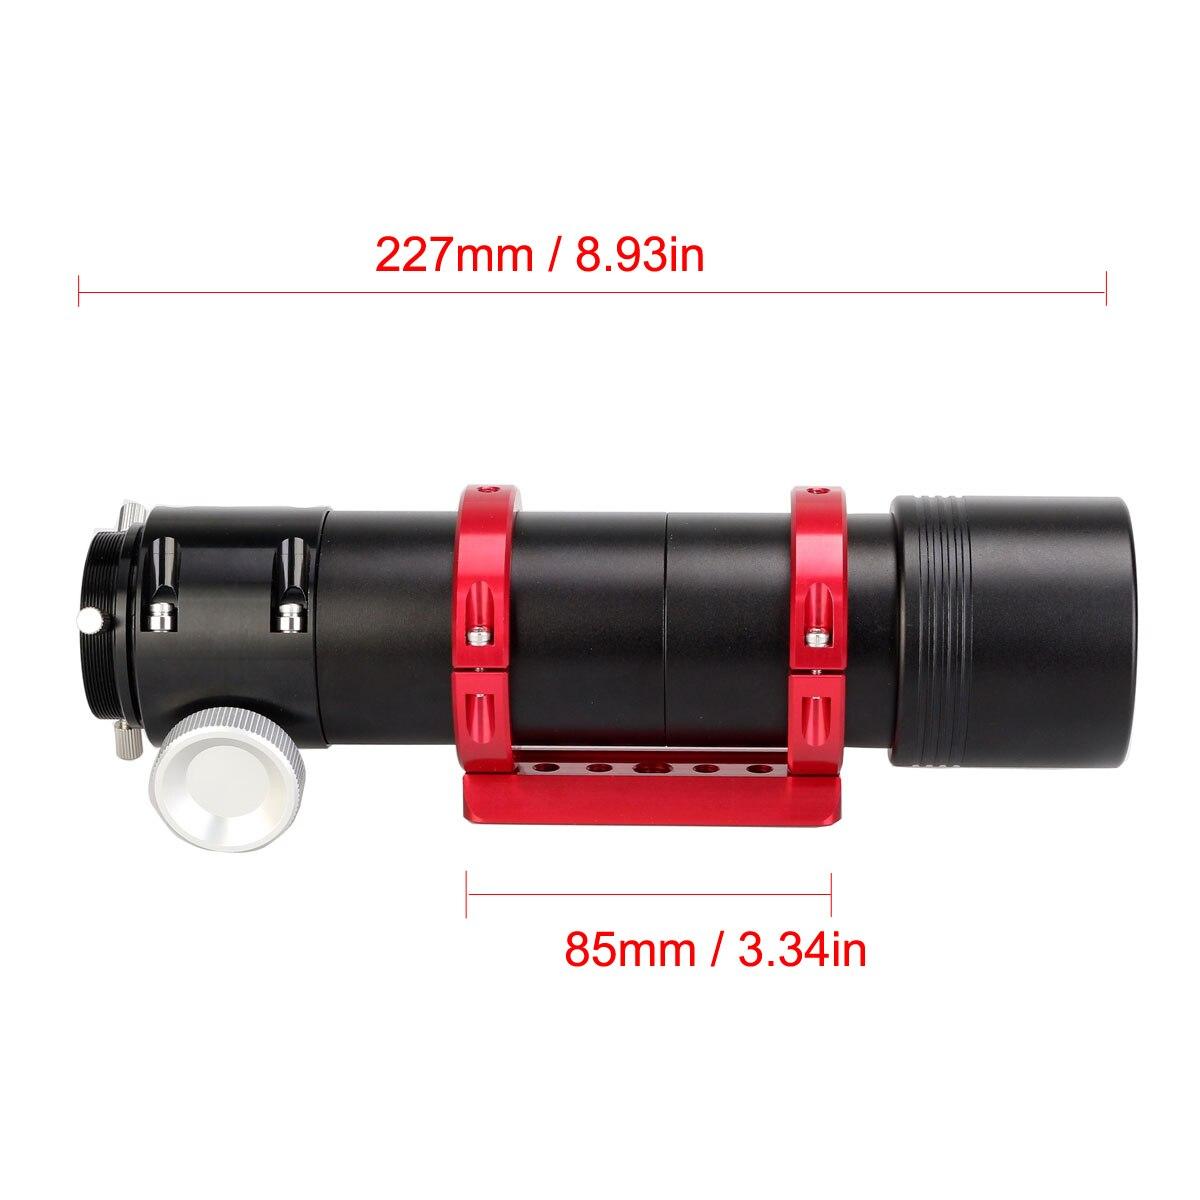 חדש 50mm f/4 באופן מלא מתכת רב תכליתי מדריך היקף Refractor טלסקופ אופטי צינור עבור אוטומטי מנחה מצלמות FinderscopLD2048A